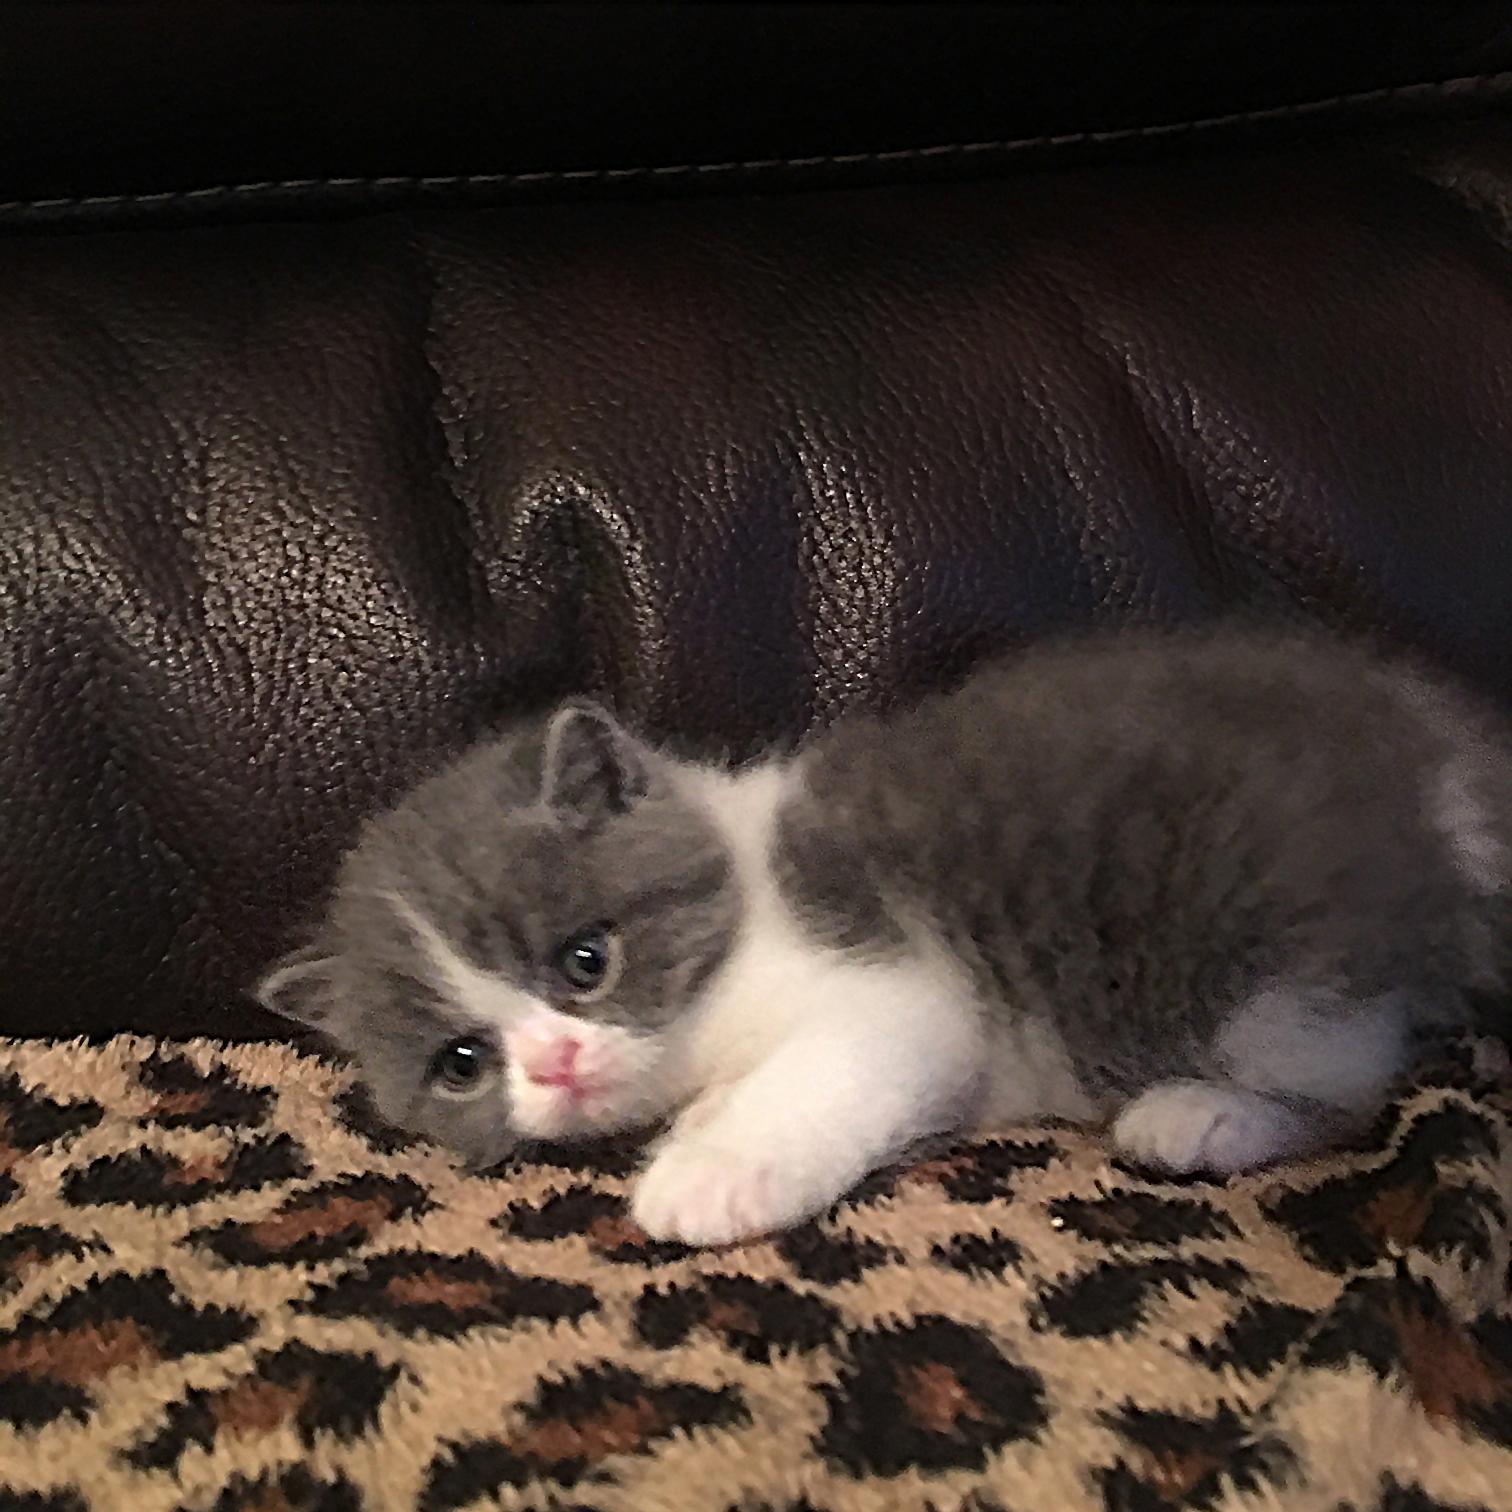 Kitten 1 6/30/16 litter